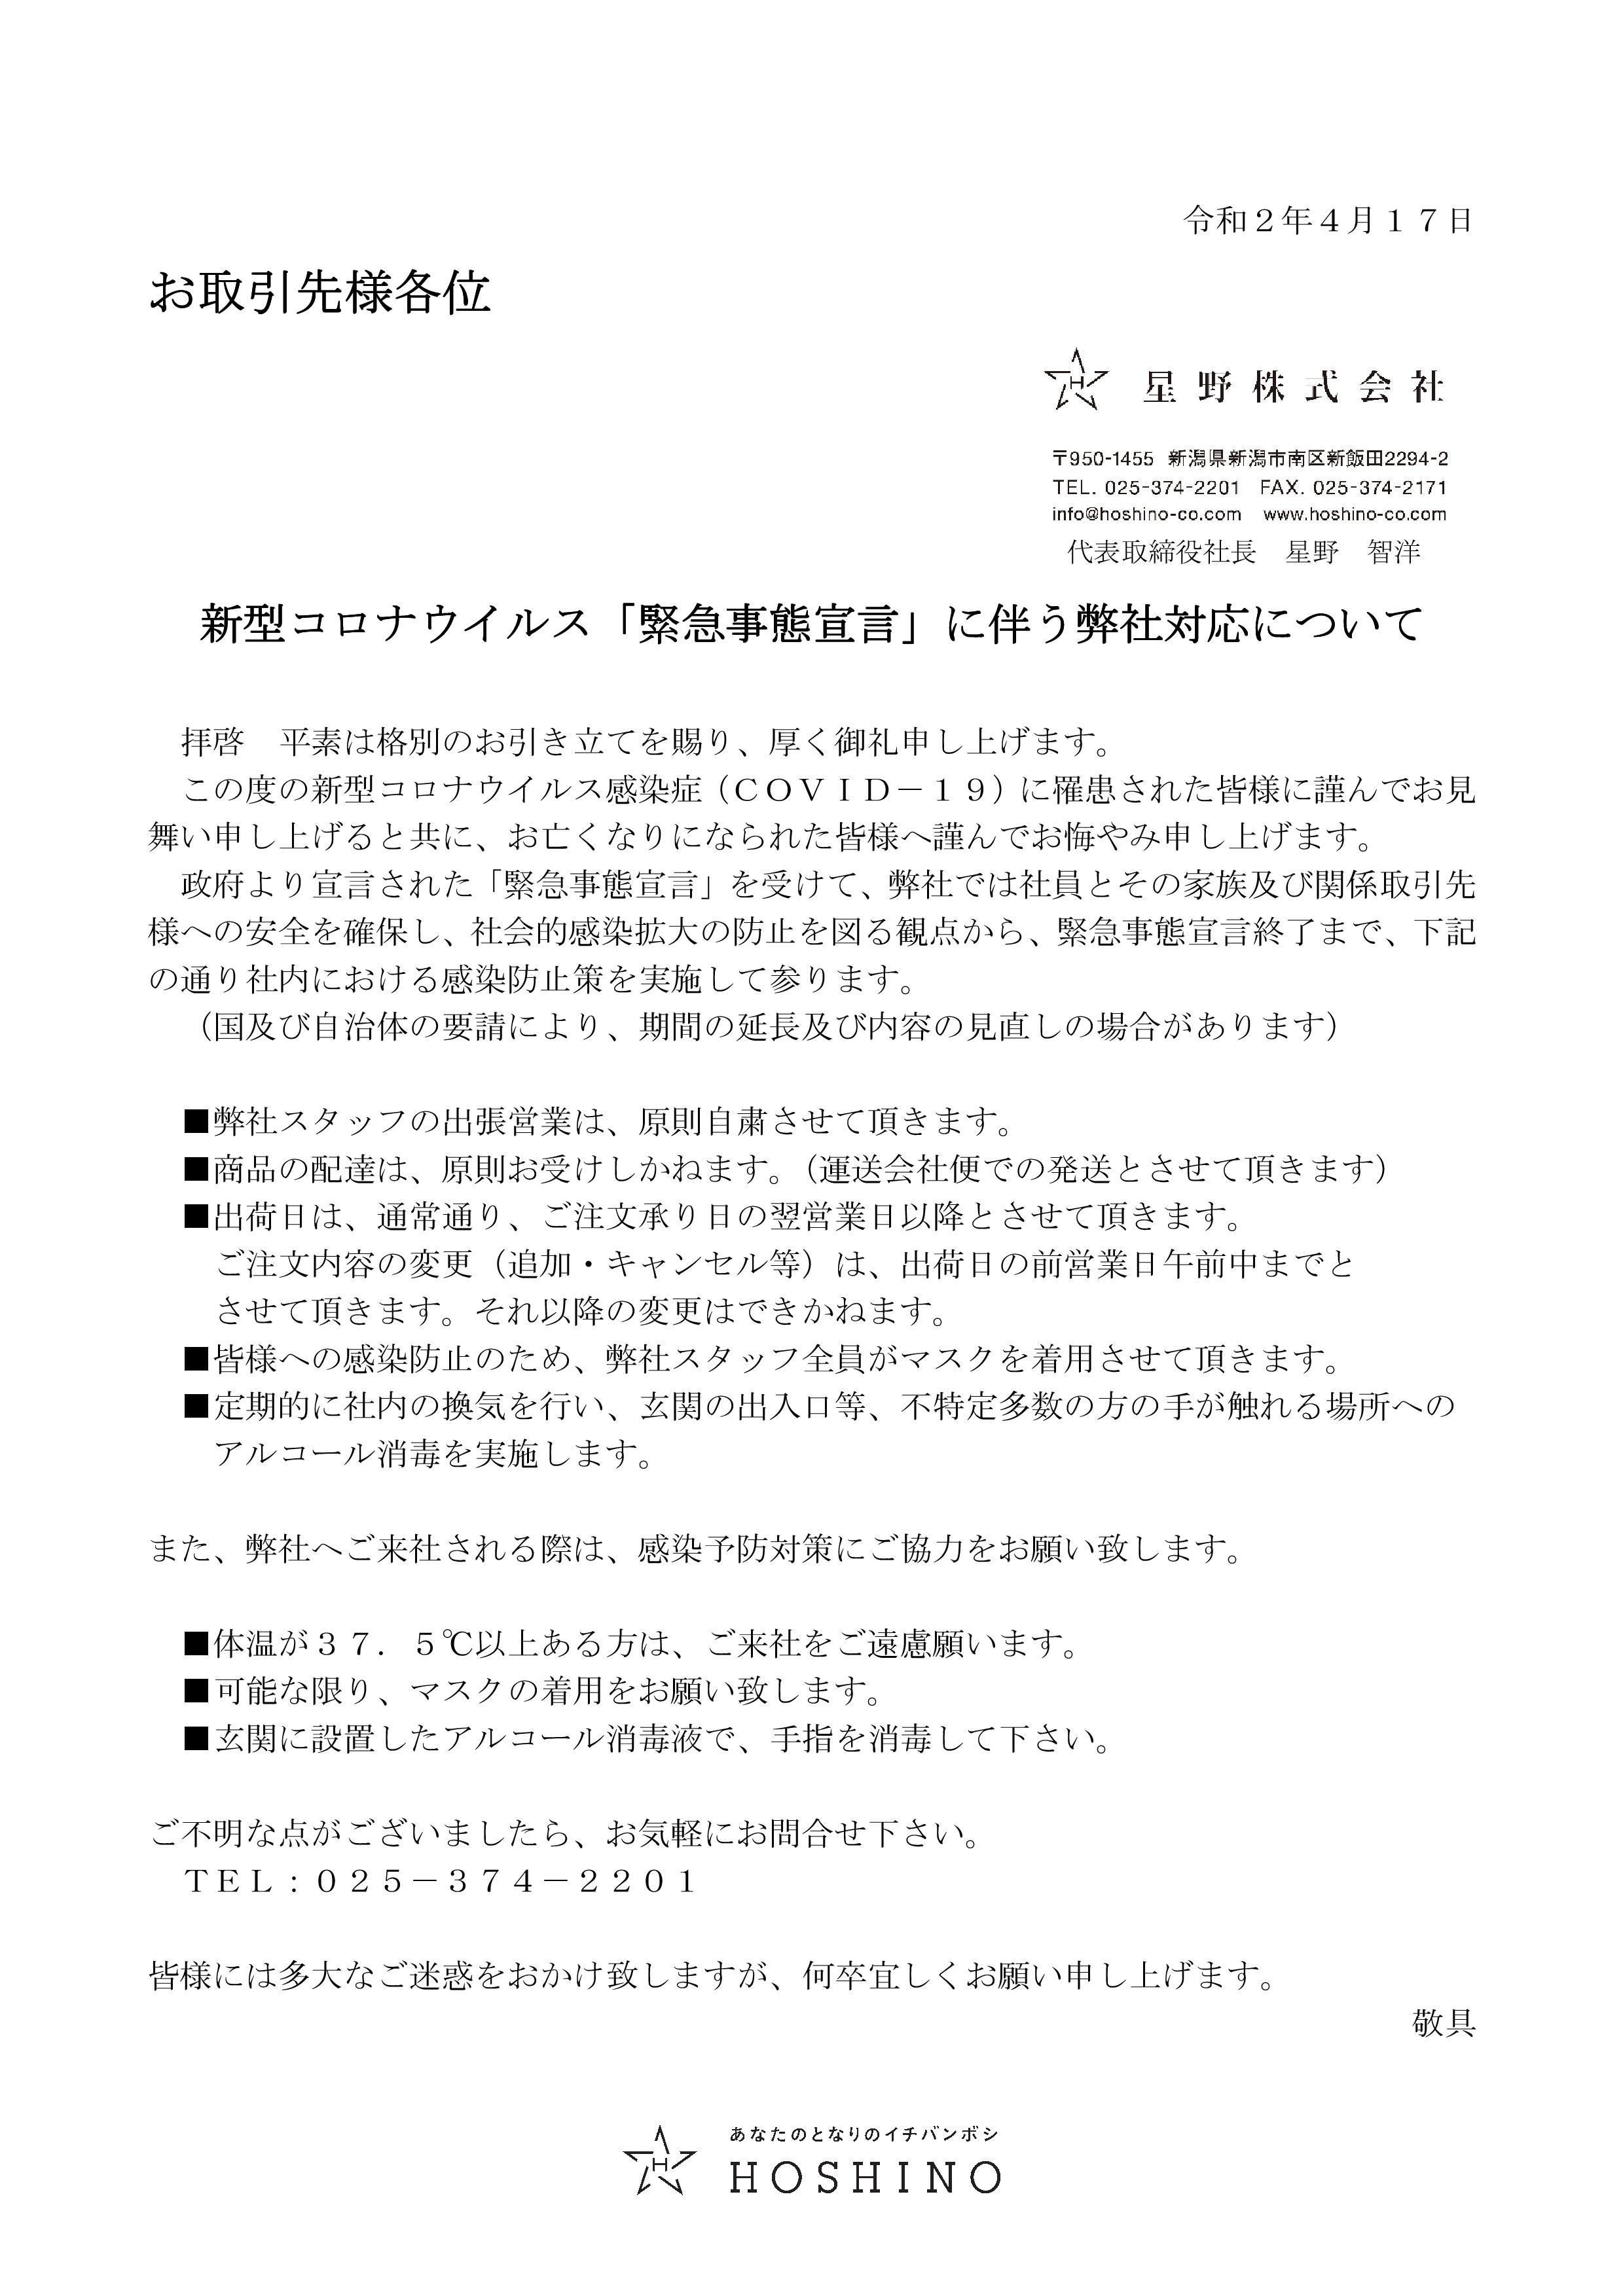 新潟 県 緊急 事態 宣言